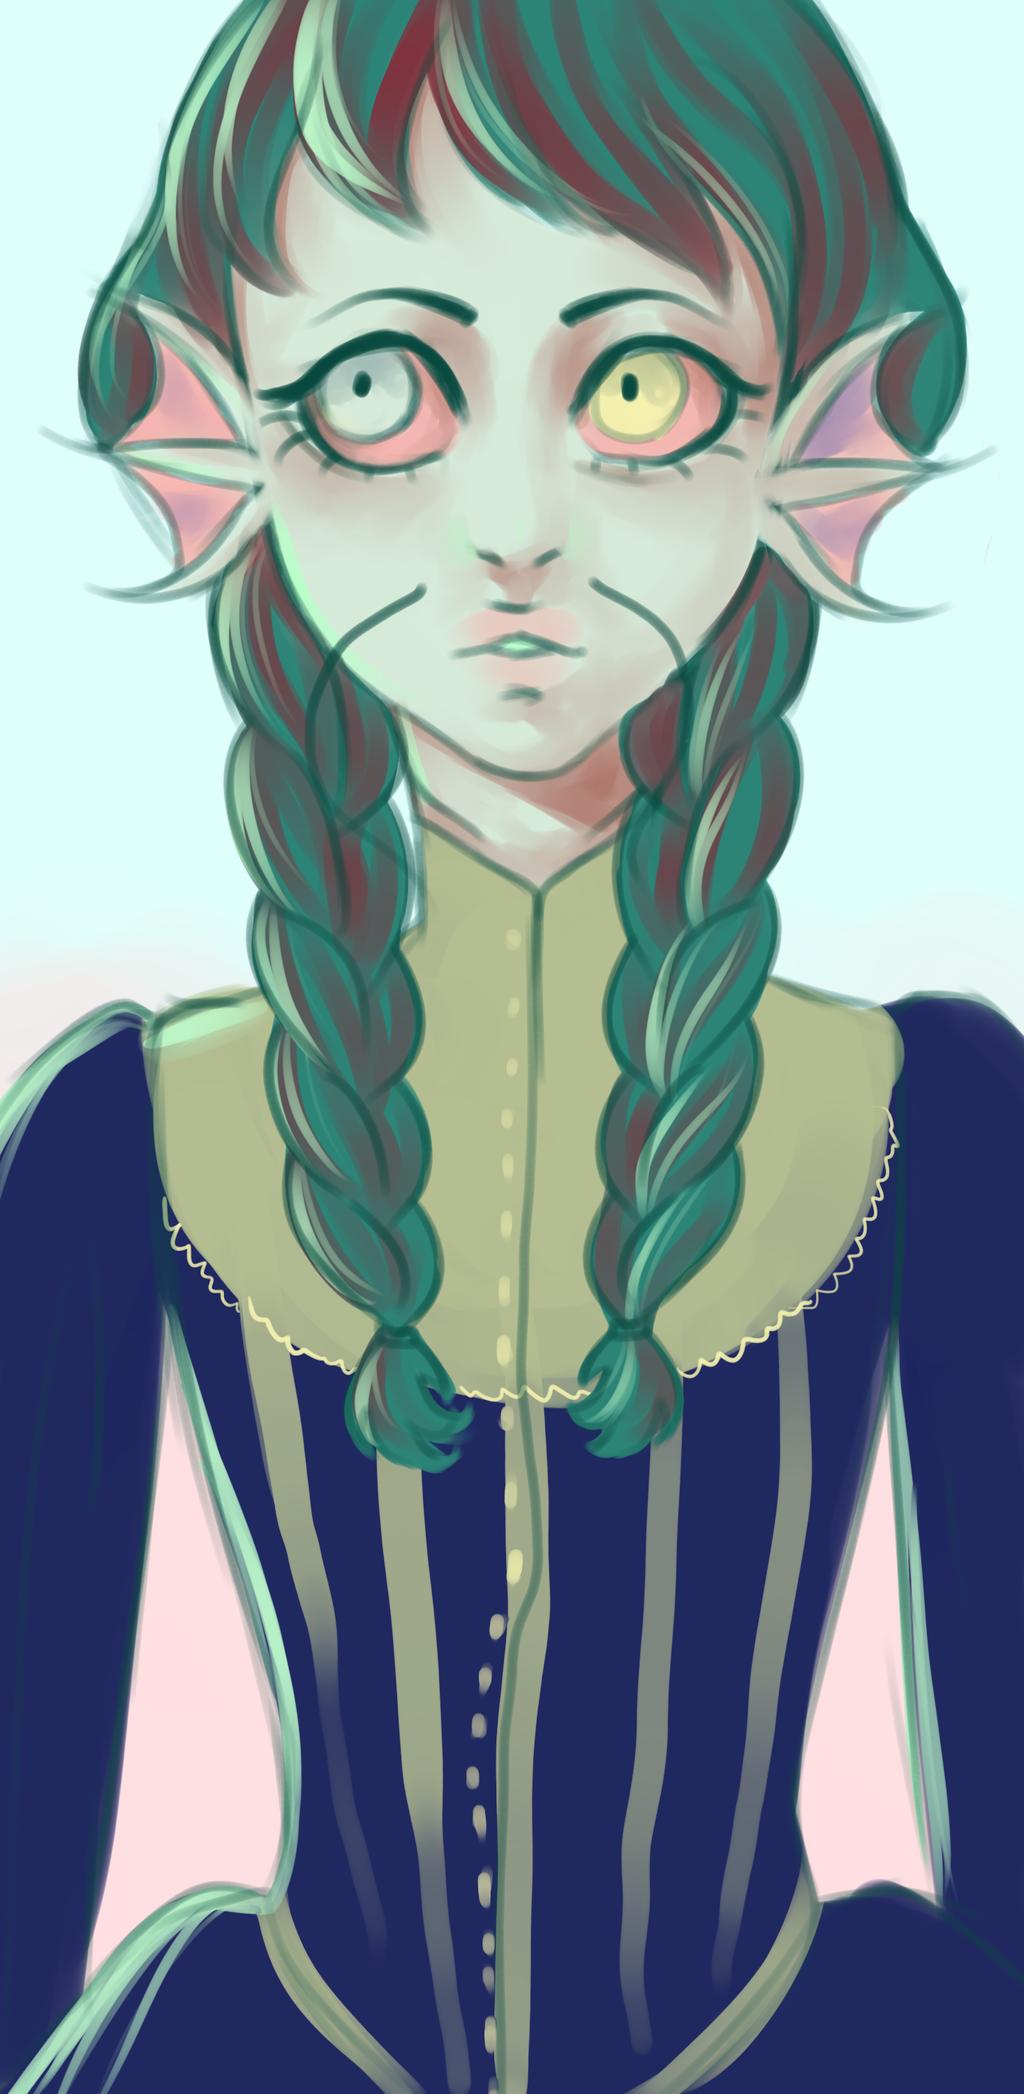 fish princess by matrioshkka